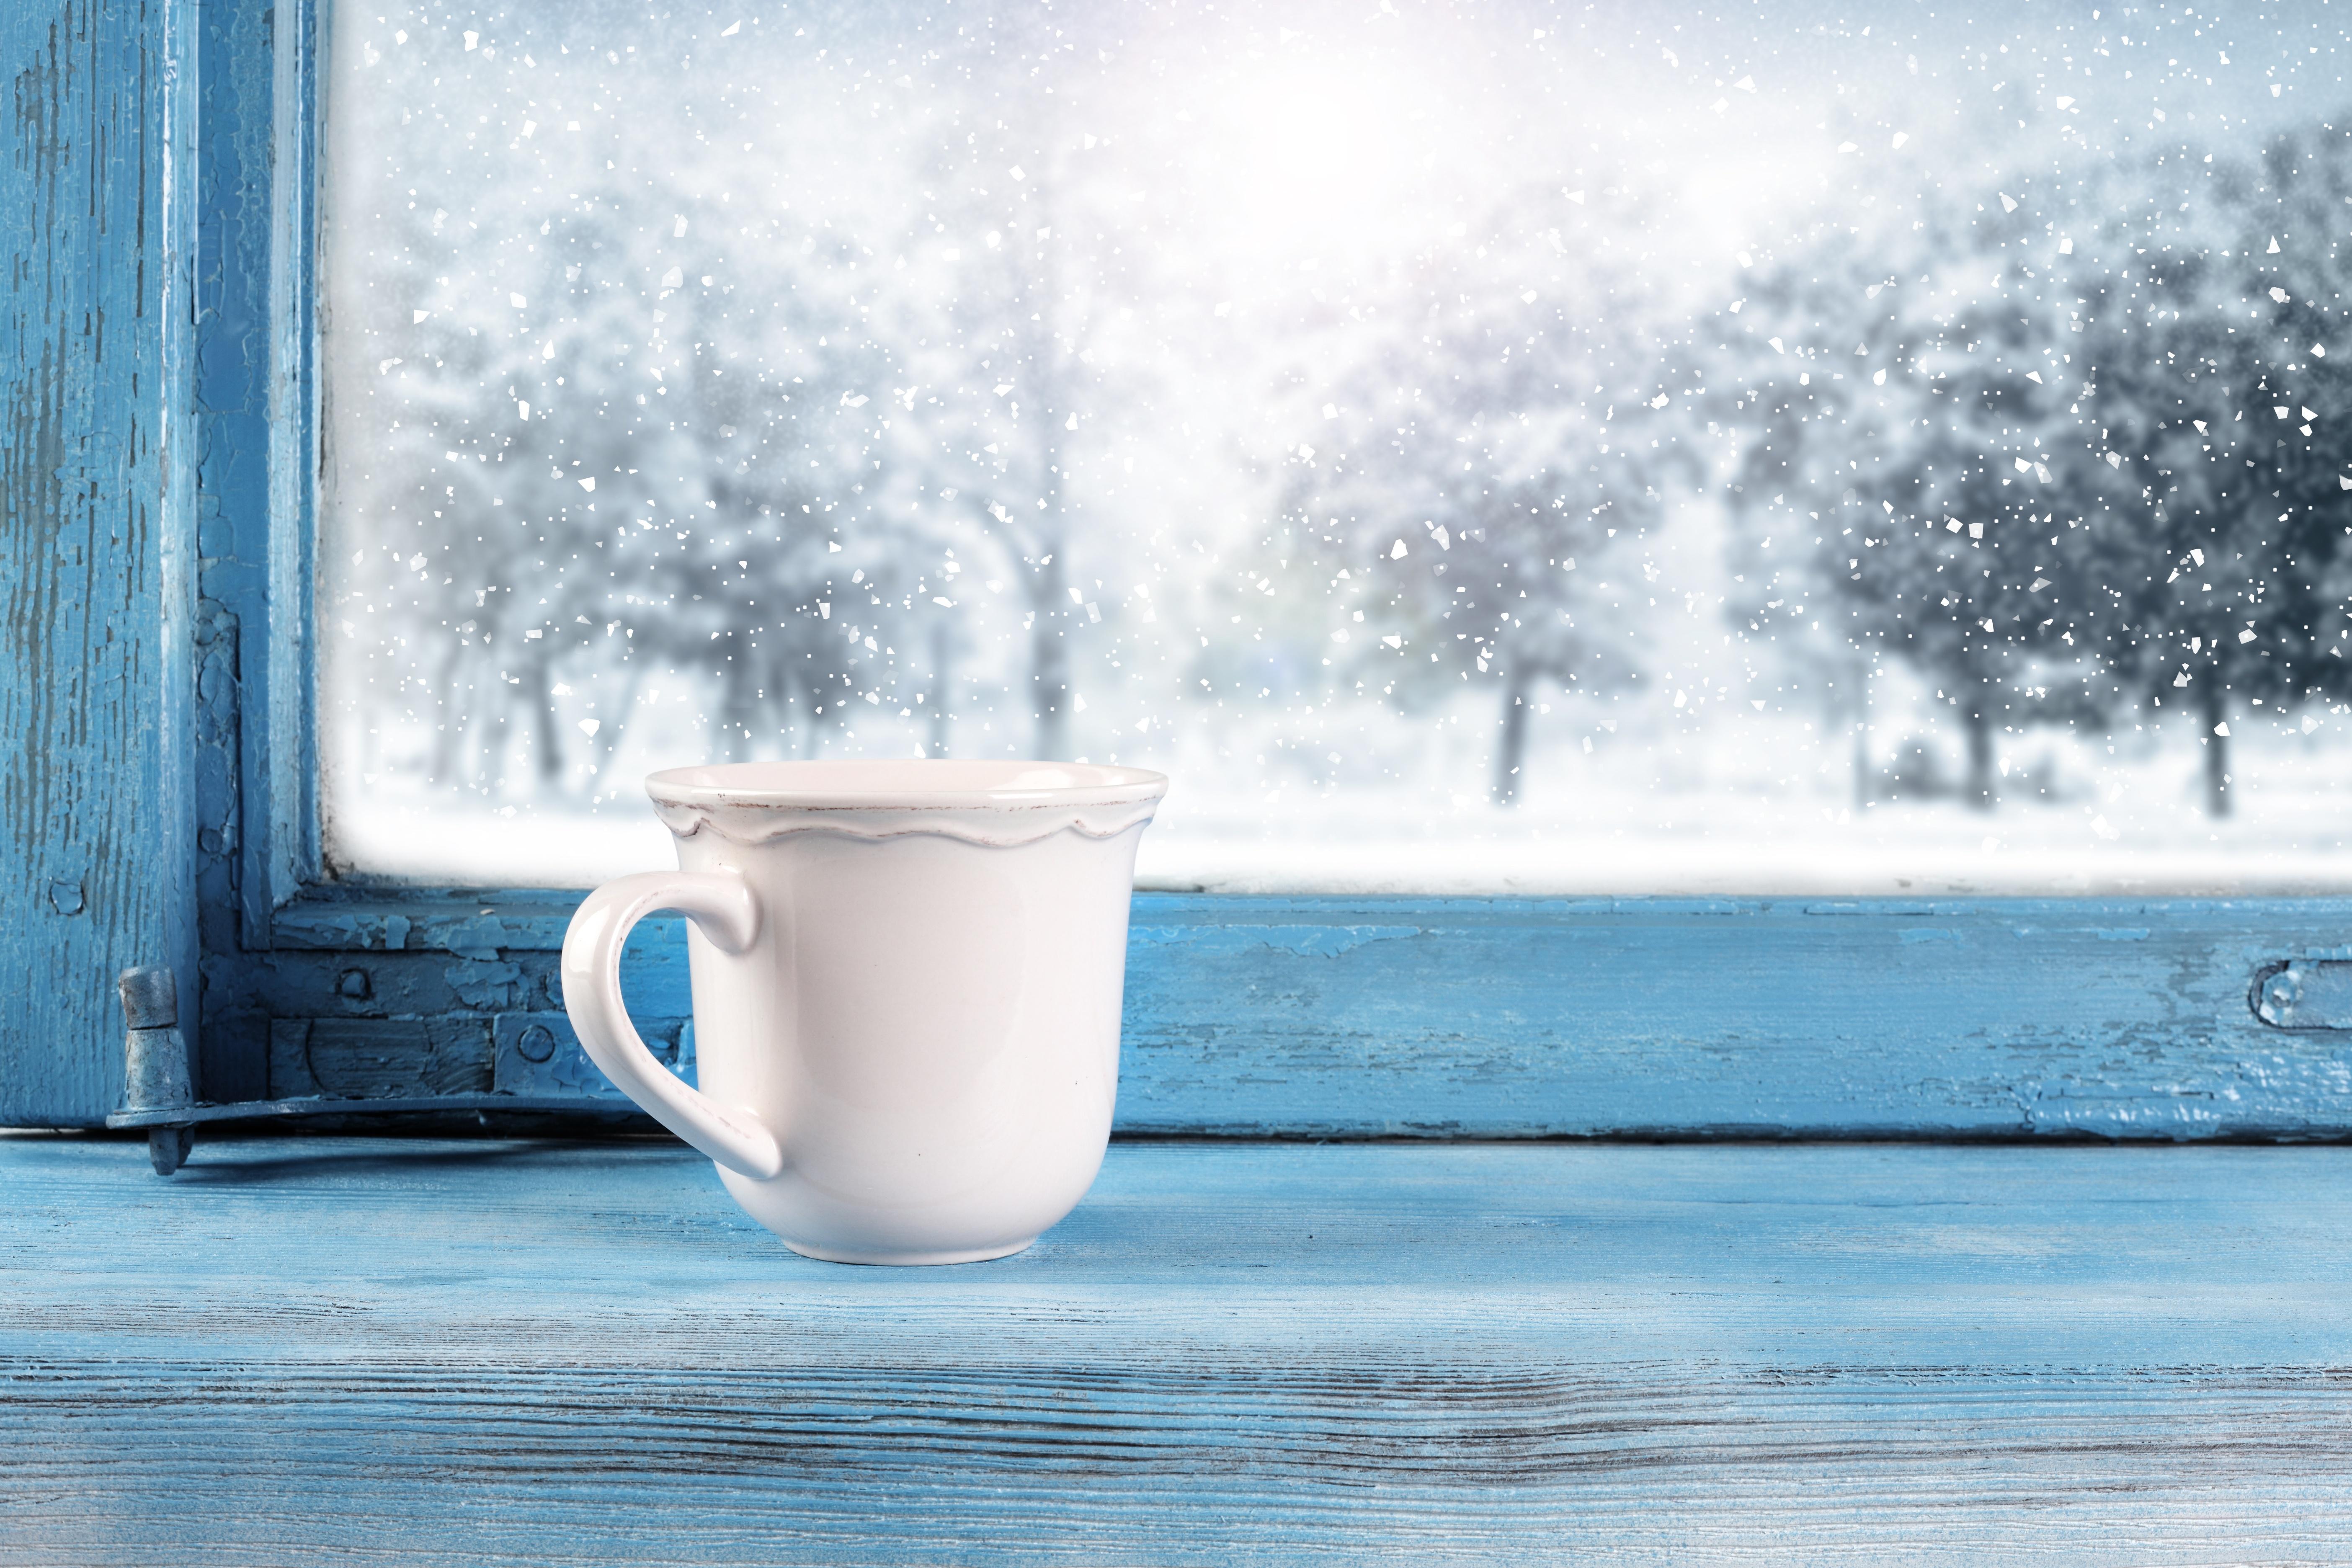 она очень картинки красивые снег идет с добрым утром нас можете читать